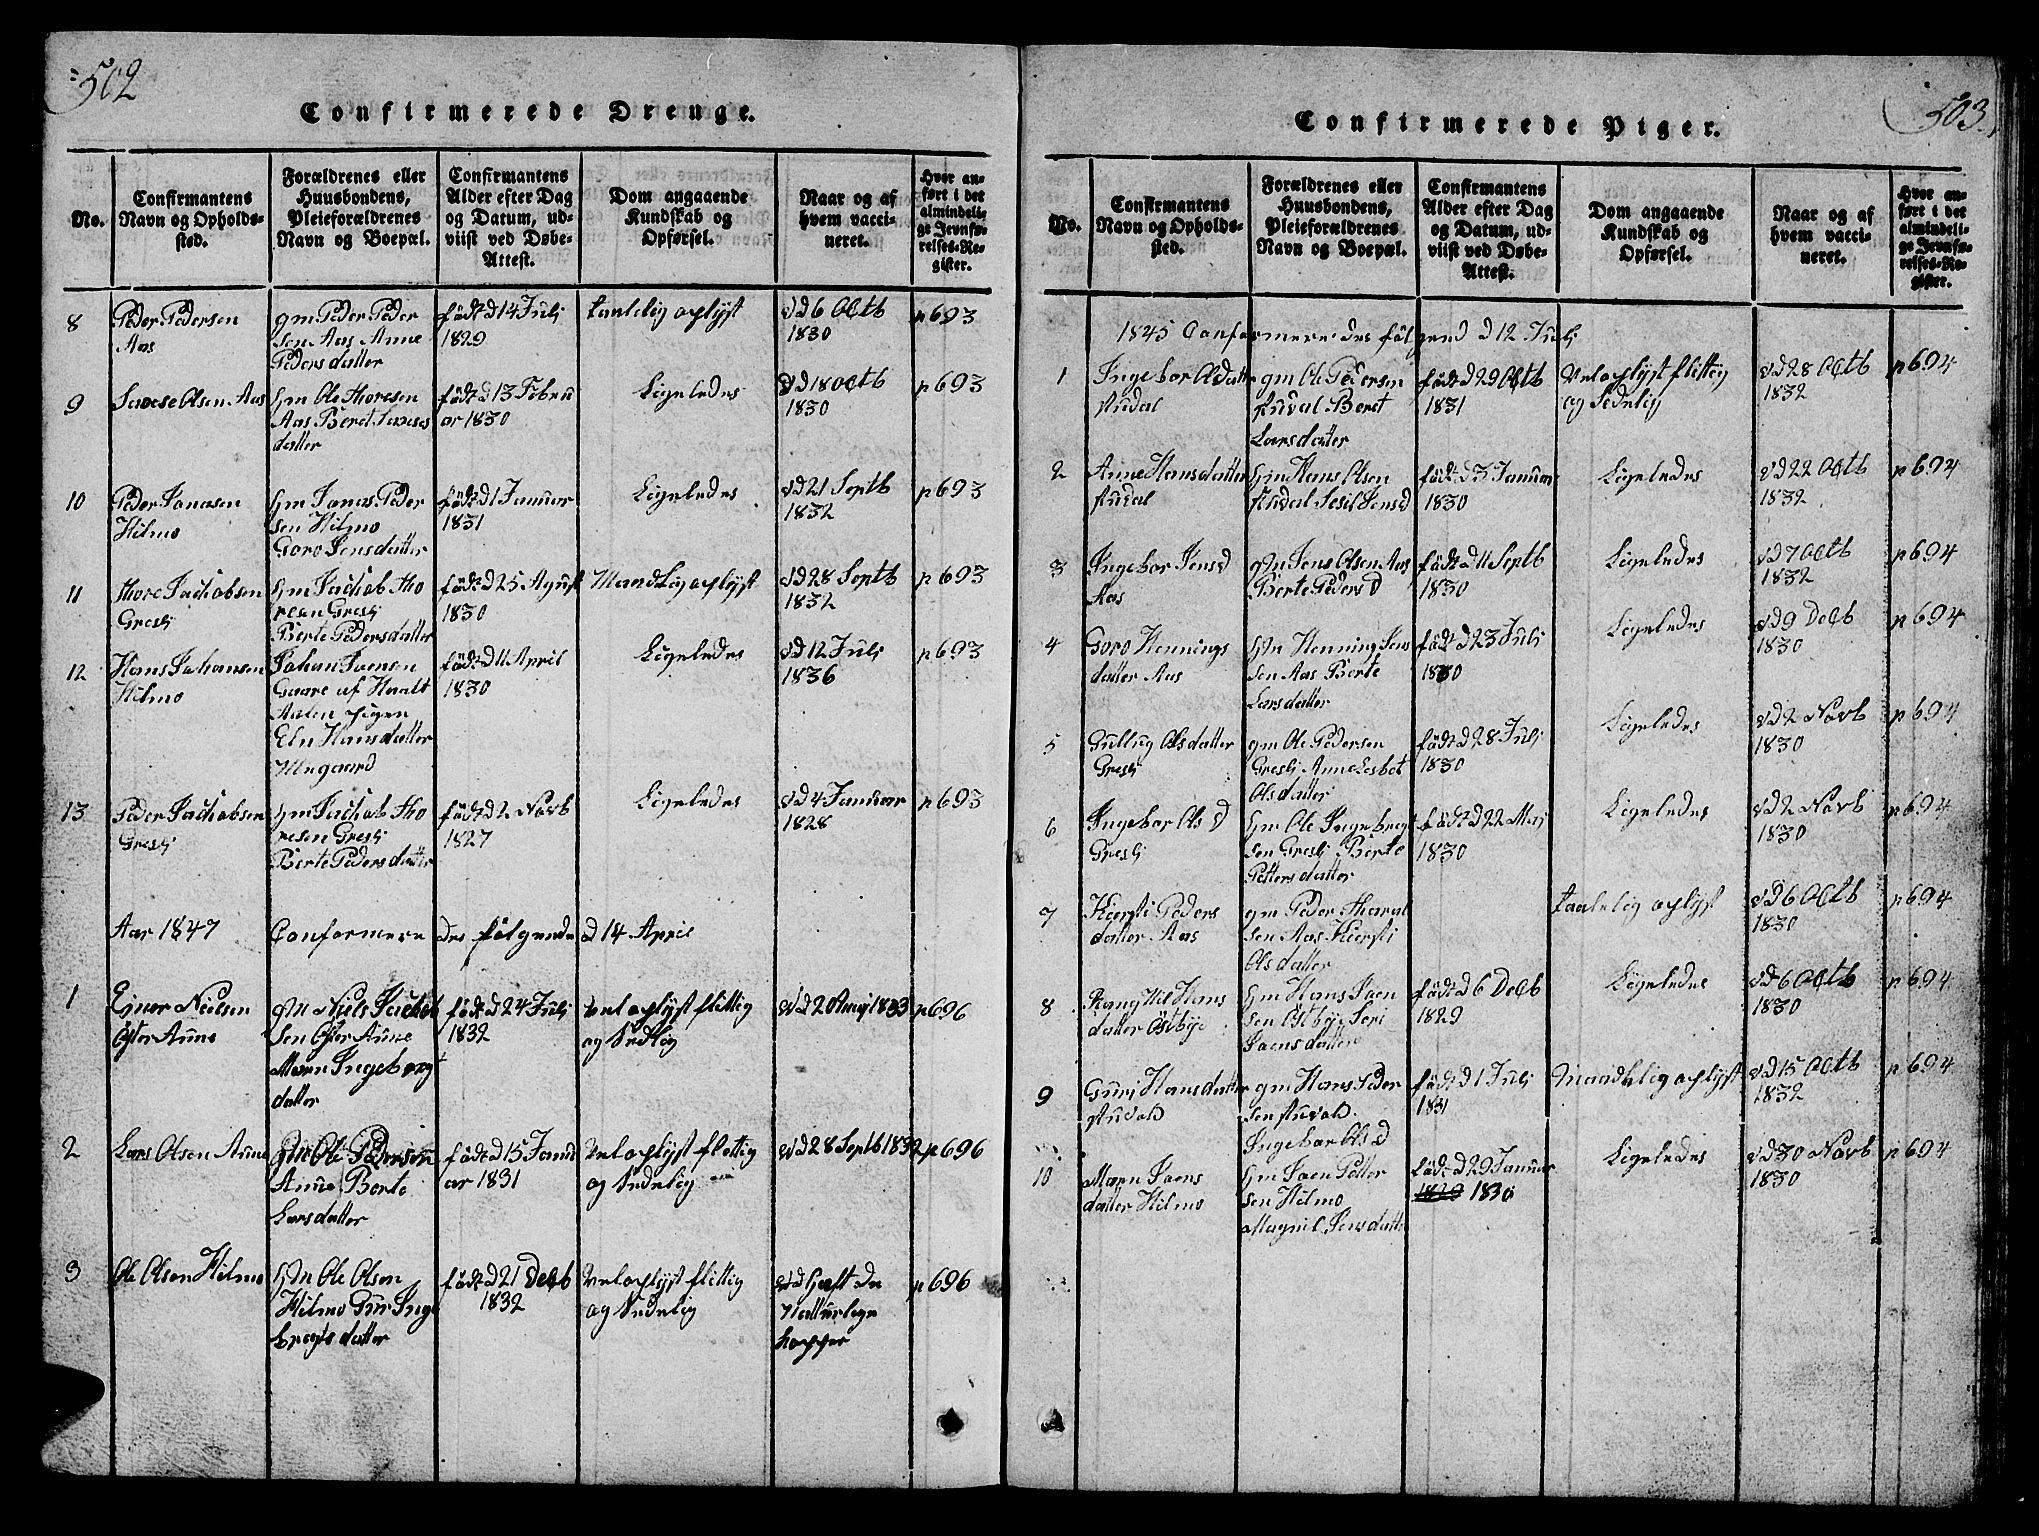 SAT, Ministerialprotokoller, klokkerbøker og fødselsregistre - Sør-Trøndelag, 698/L1164: Klokkerbok nr. 698C01, 1816-1861, s. 502-503